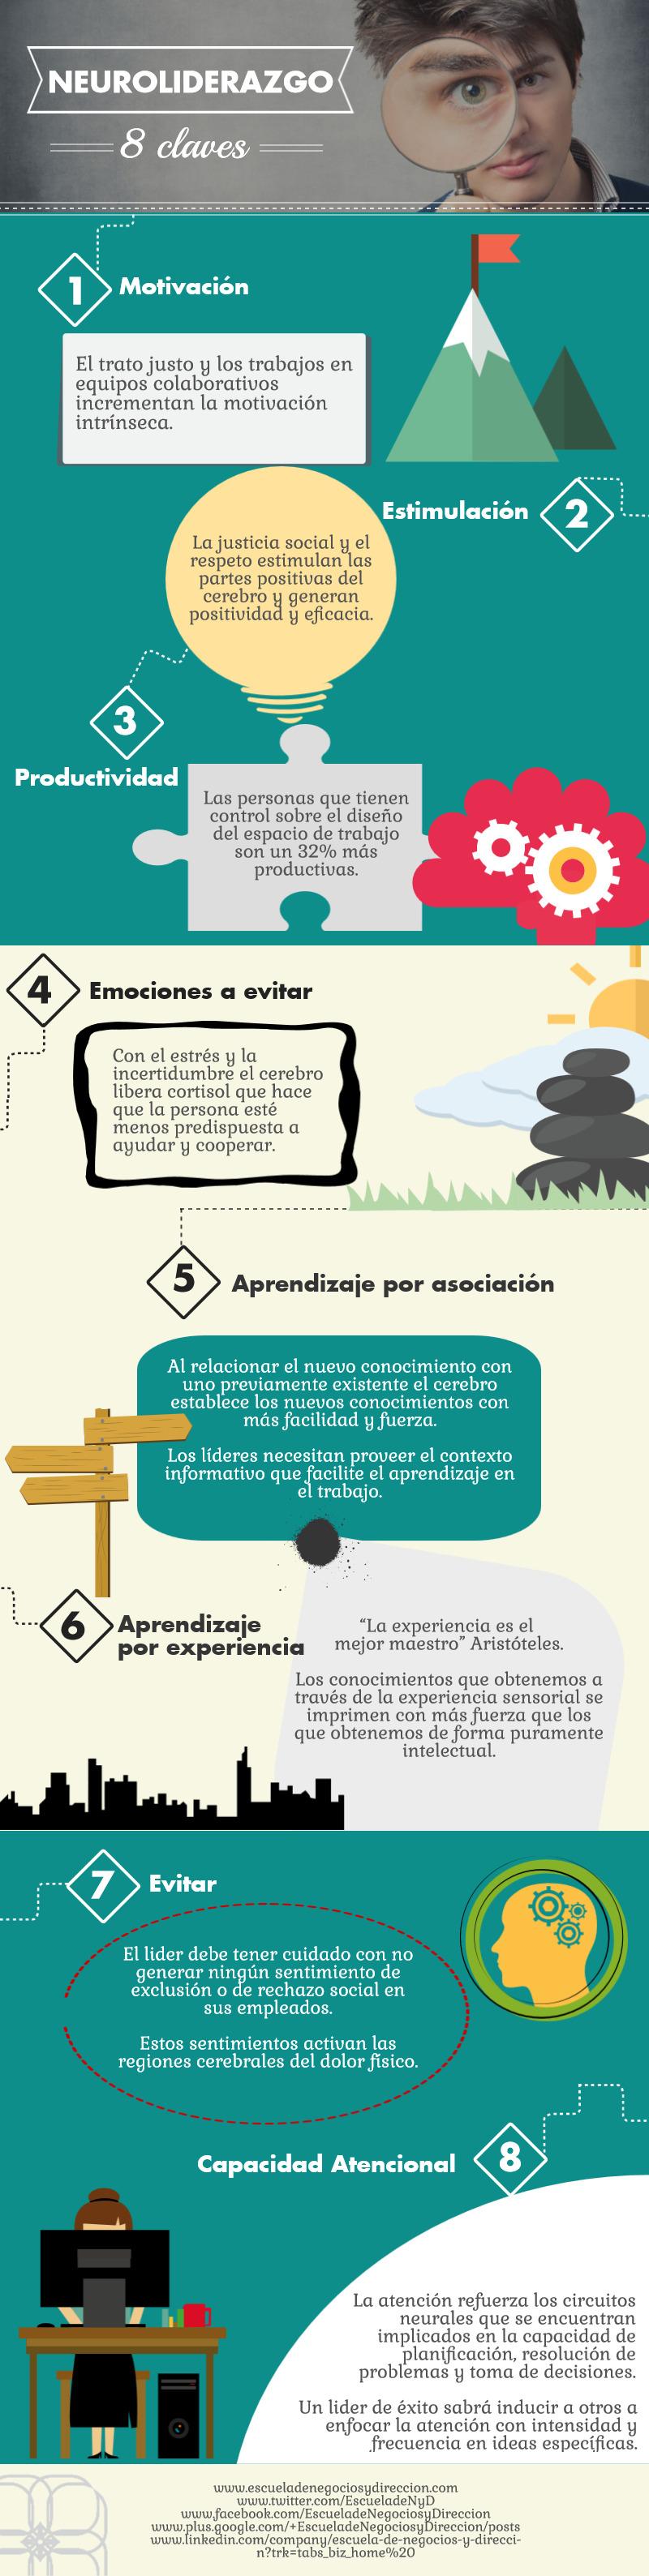 8 claves sobre Neuroliderazgo